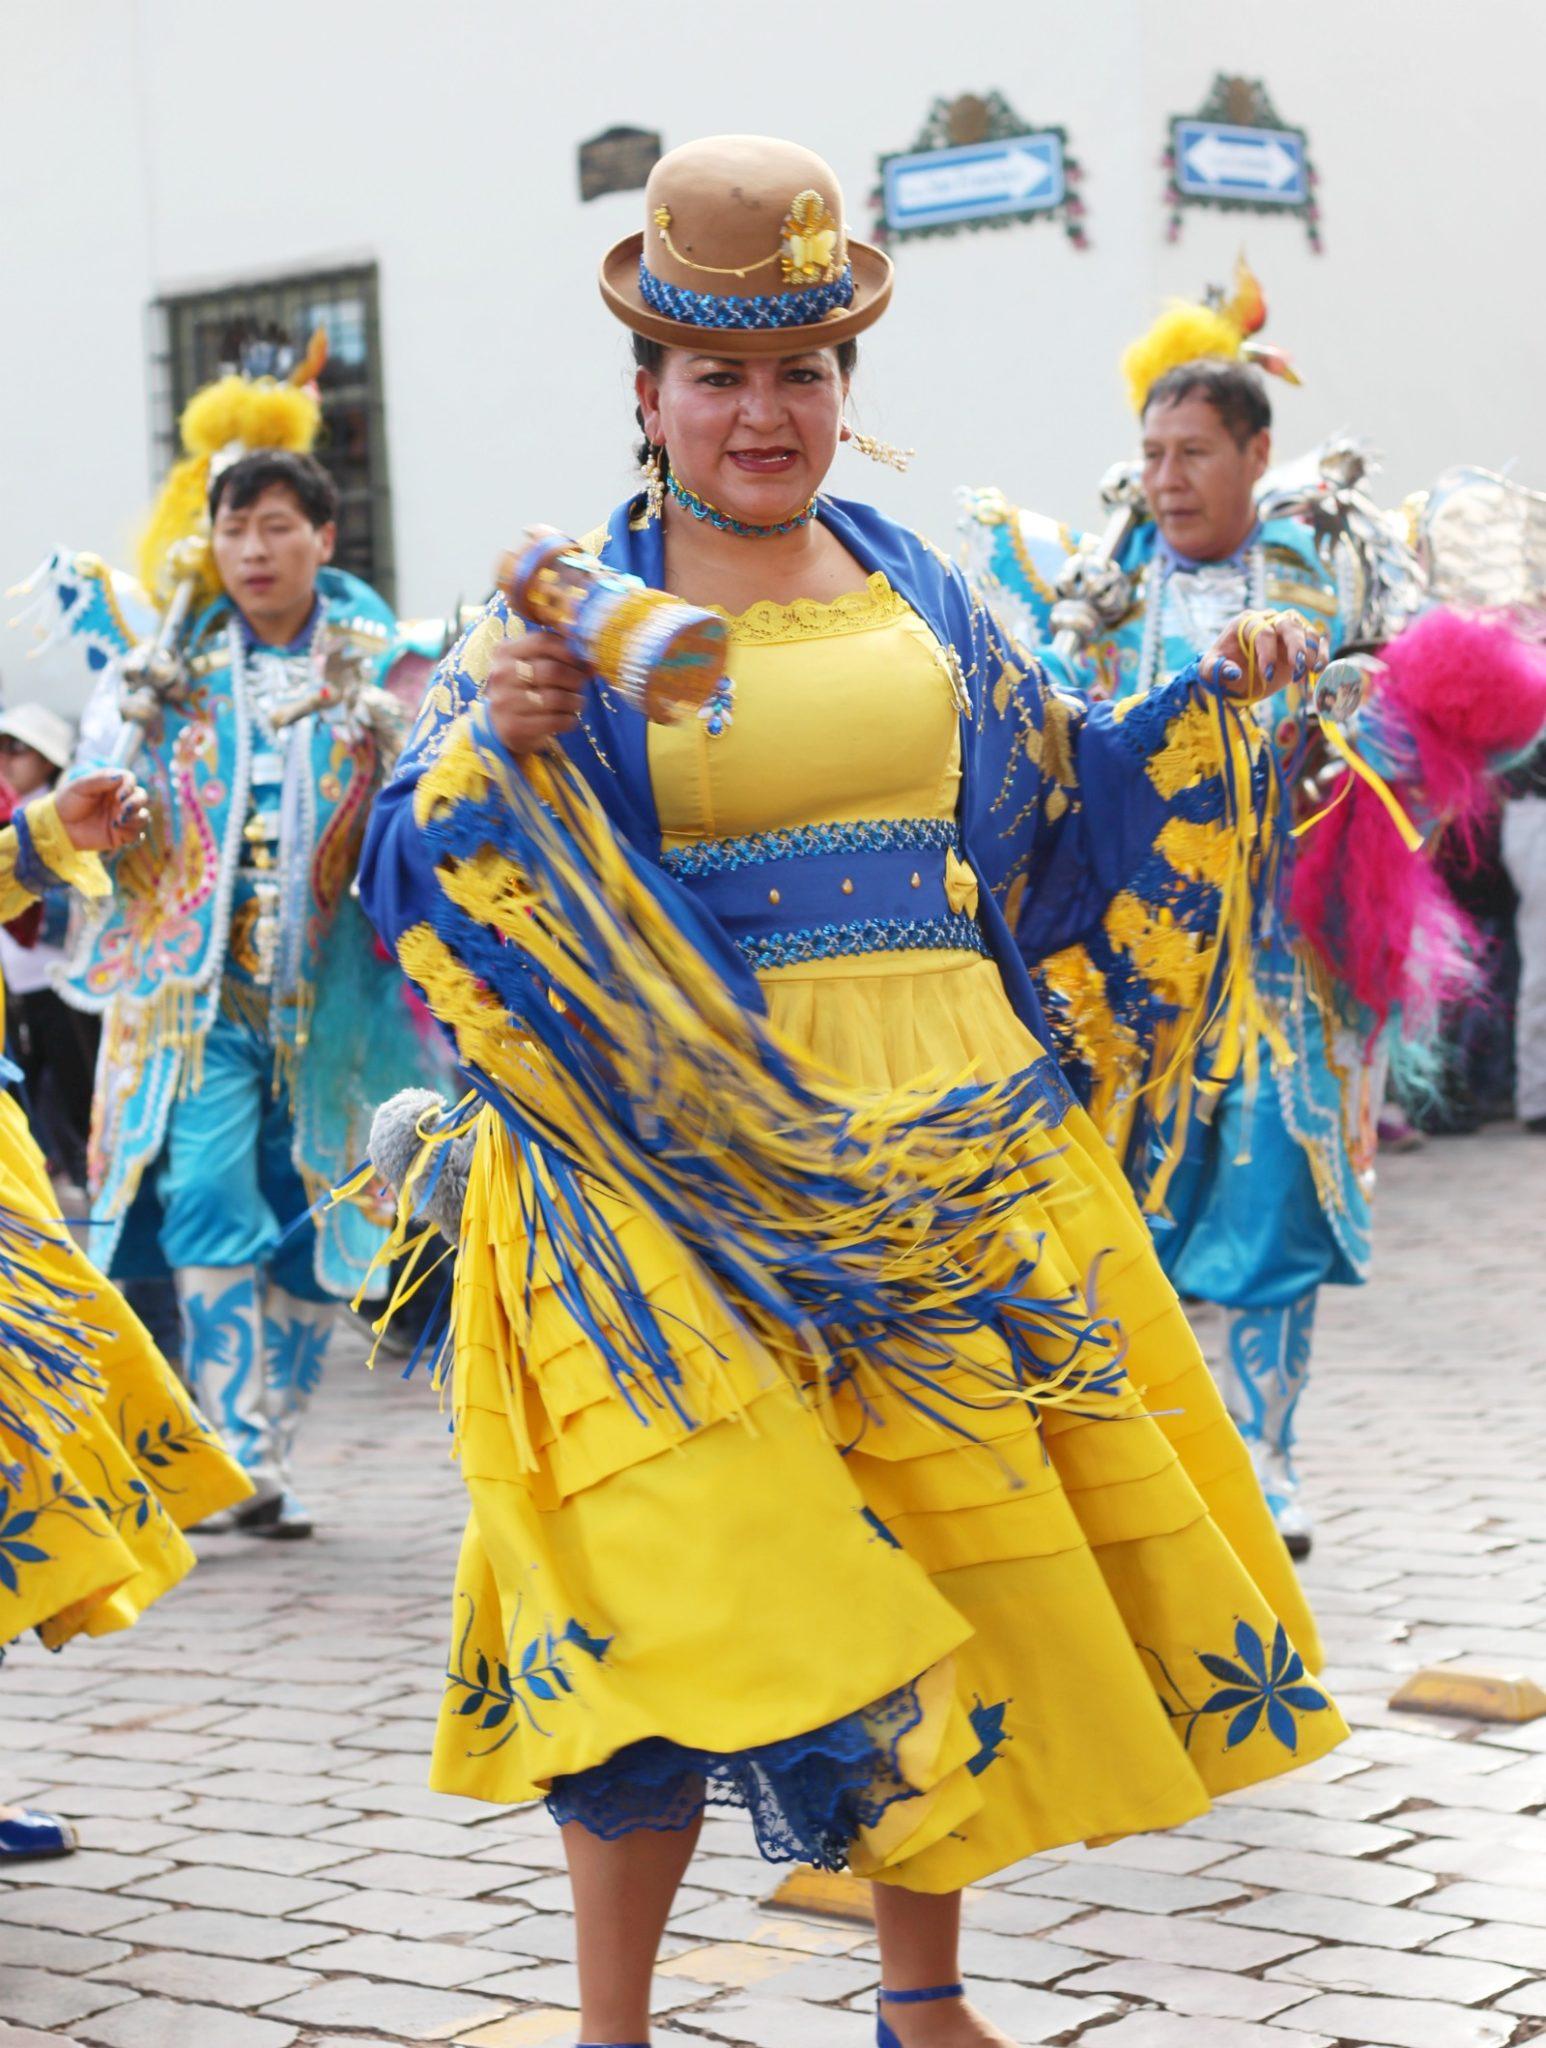 festival-women-dancing